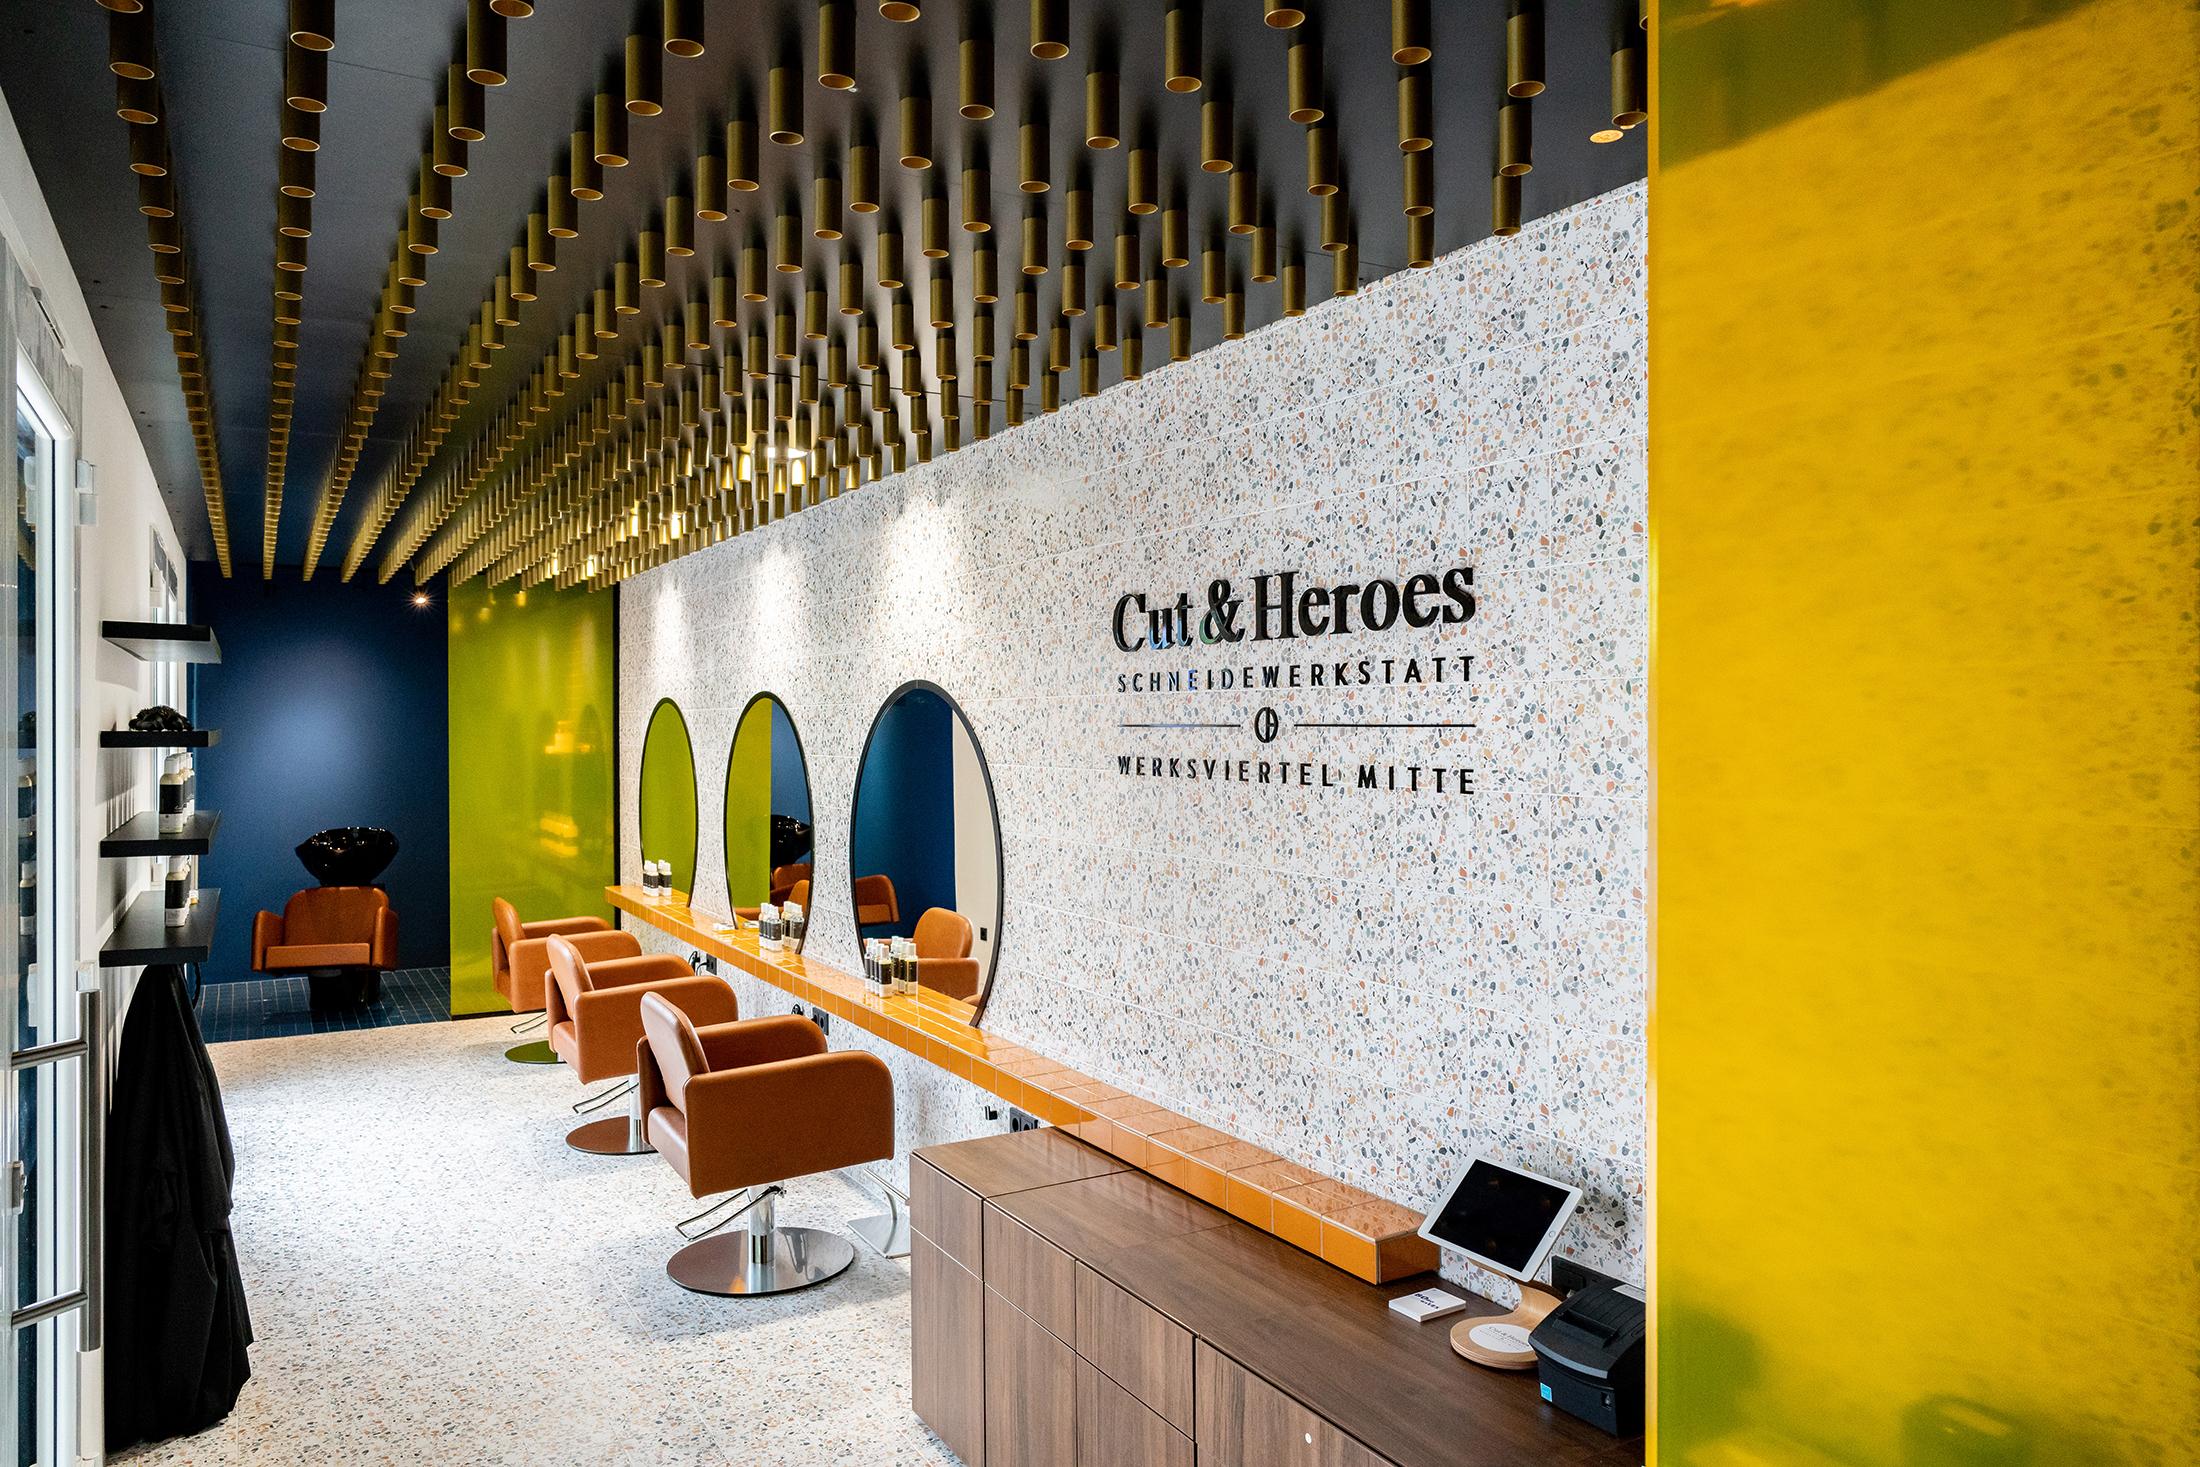 Cut & Heroes - Sebastian Zenker Interior Design 8.jpg